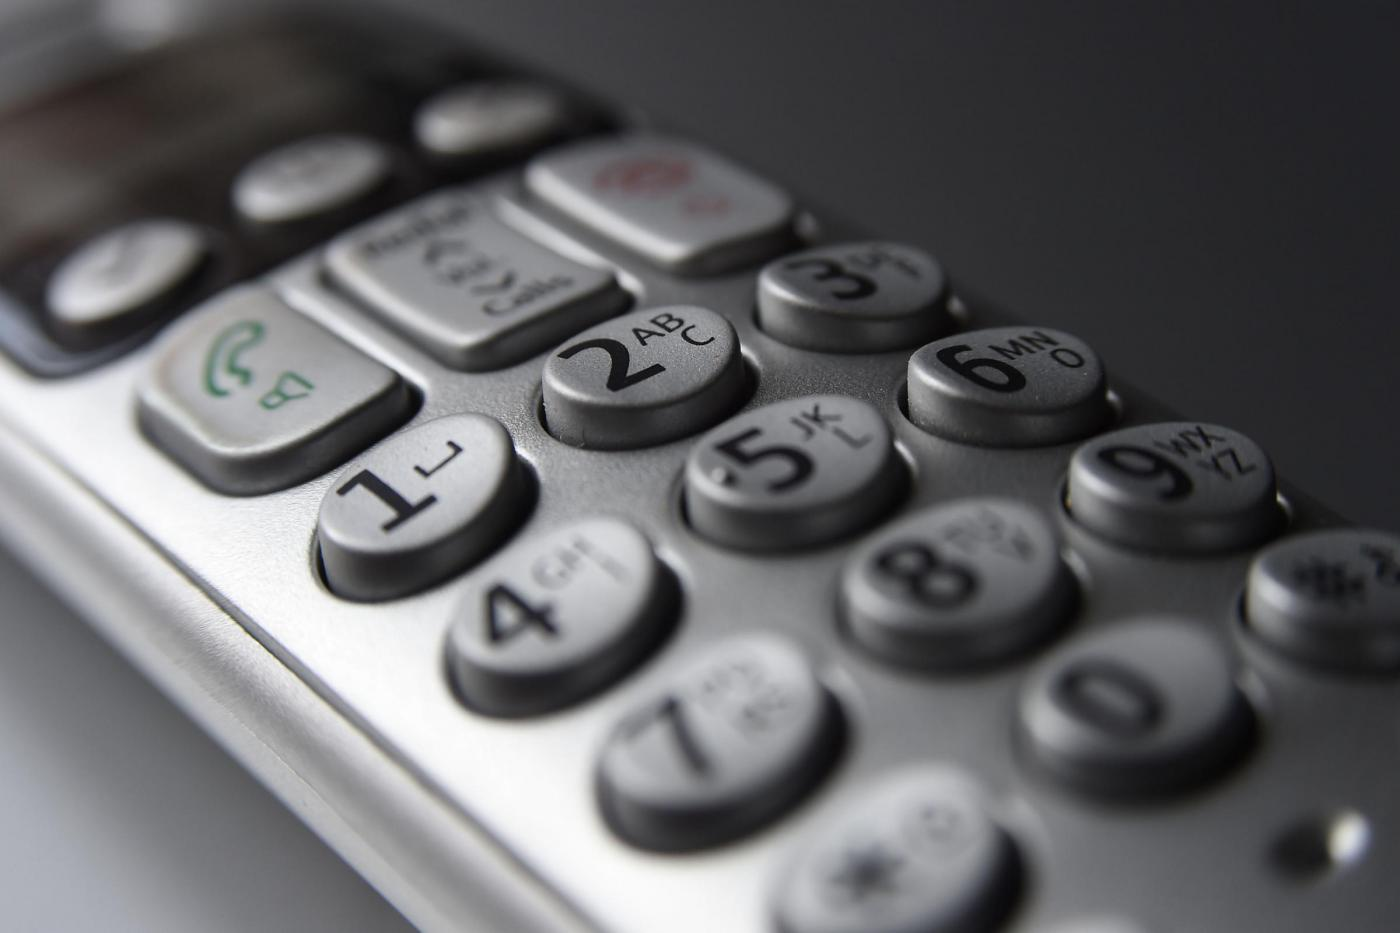 Compagnia telefonica la tormenta con 153 chiamate, il giudice stabilisce maxi-risarcimento